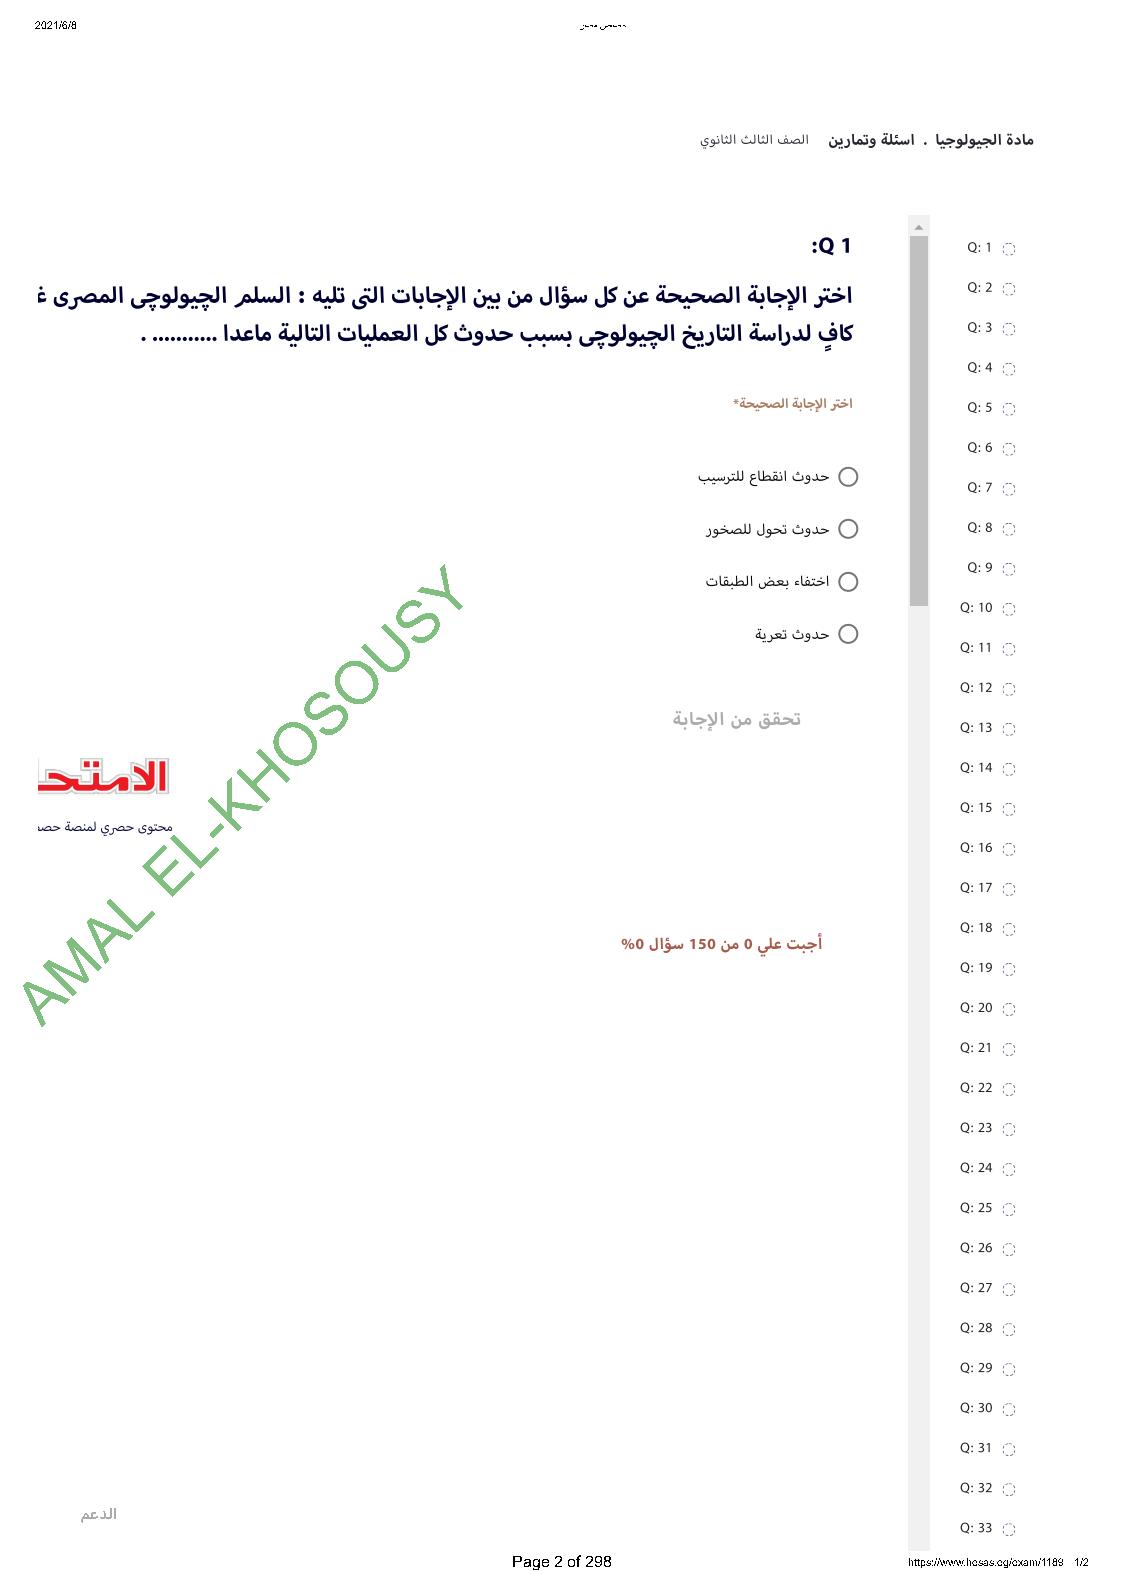 النماذج الإسترشادية جيولوجيا كاملة & بنك الأسئلة من حصص مصر للثانوية العامة 2021